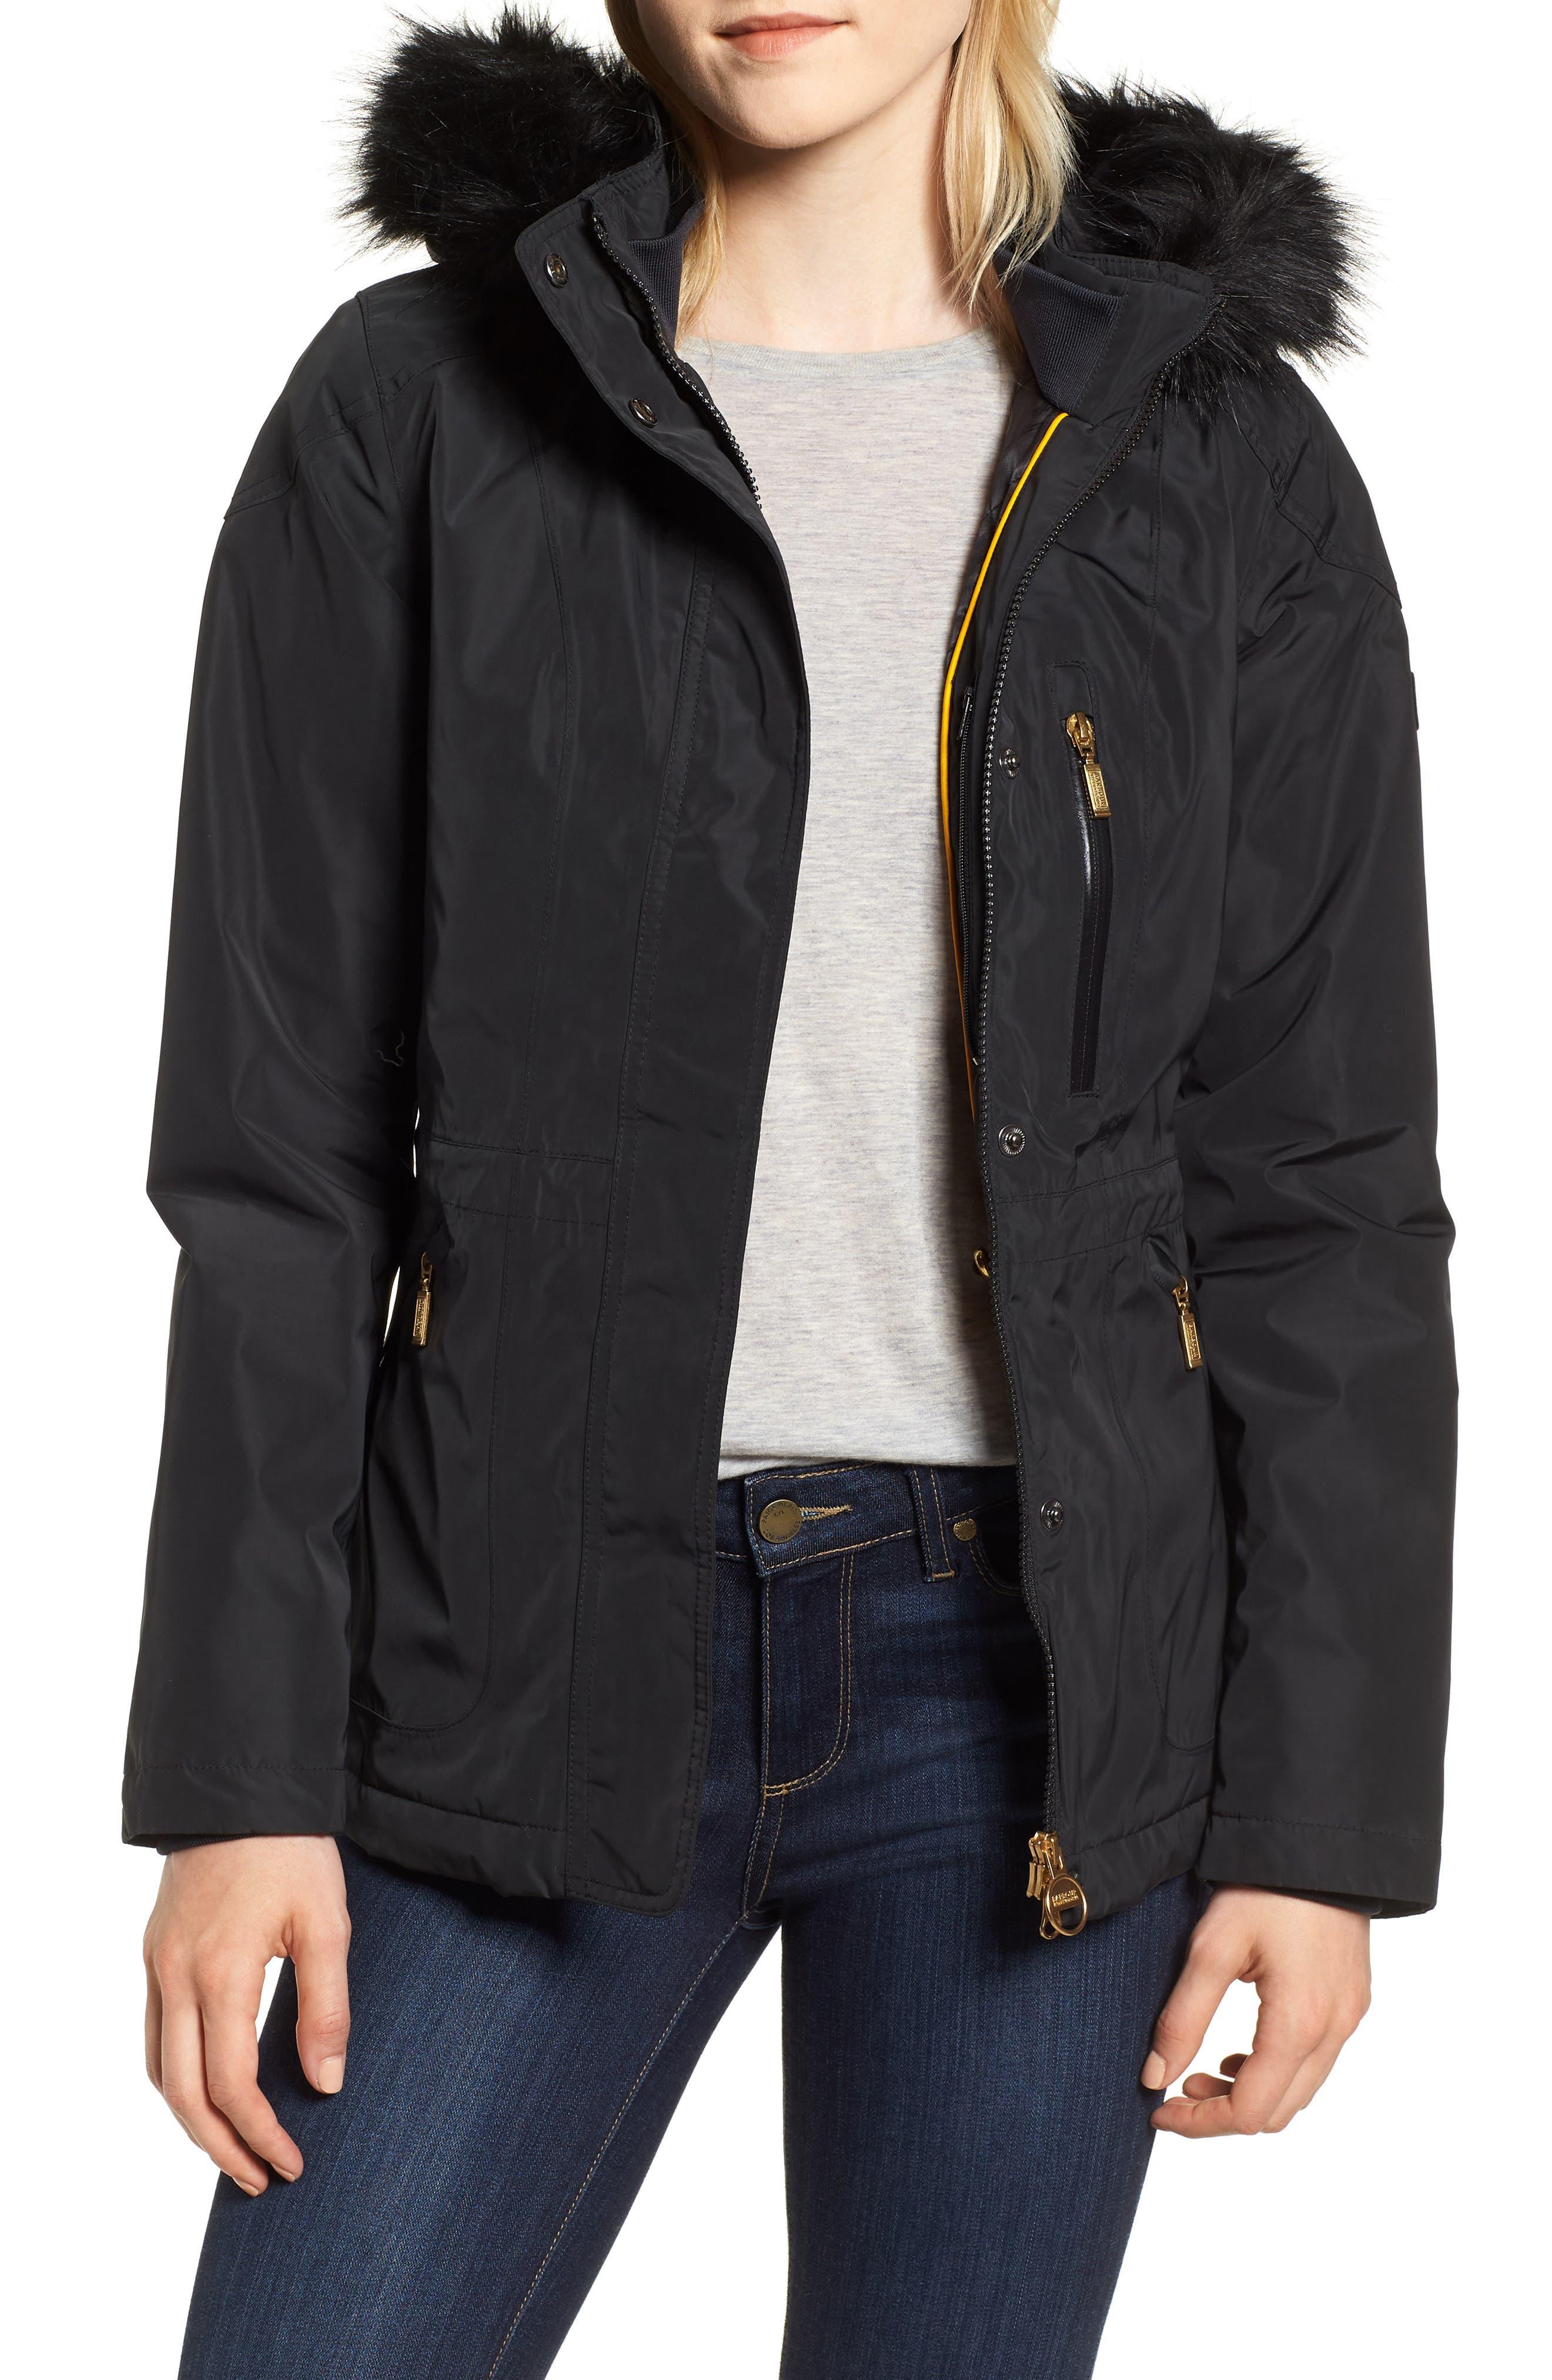 Barbour International Aragon Waterproof Breathable Faux Fur Trim Jacket, US / 14 UK - Black